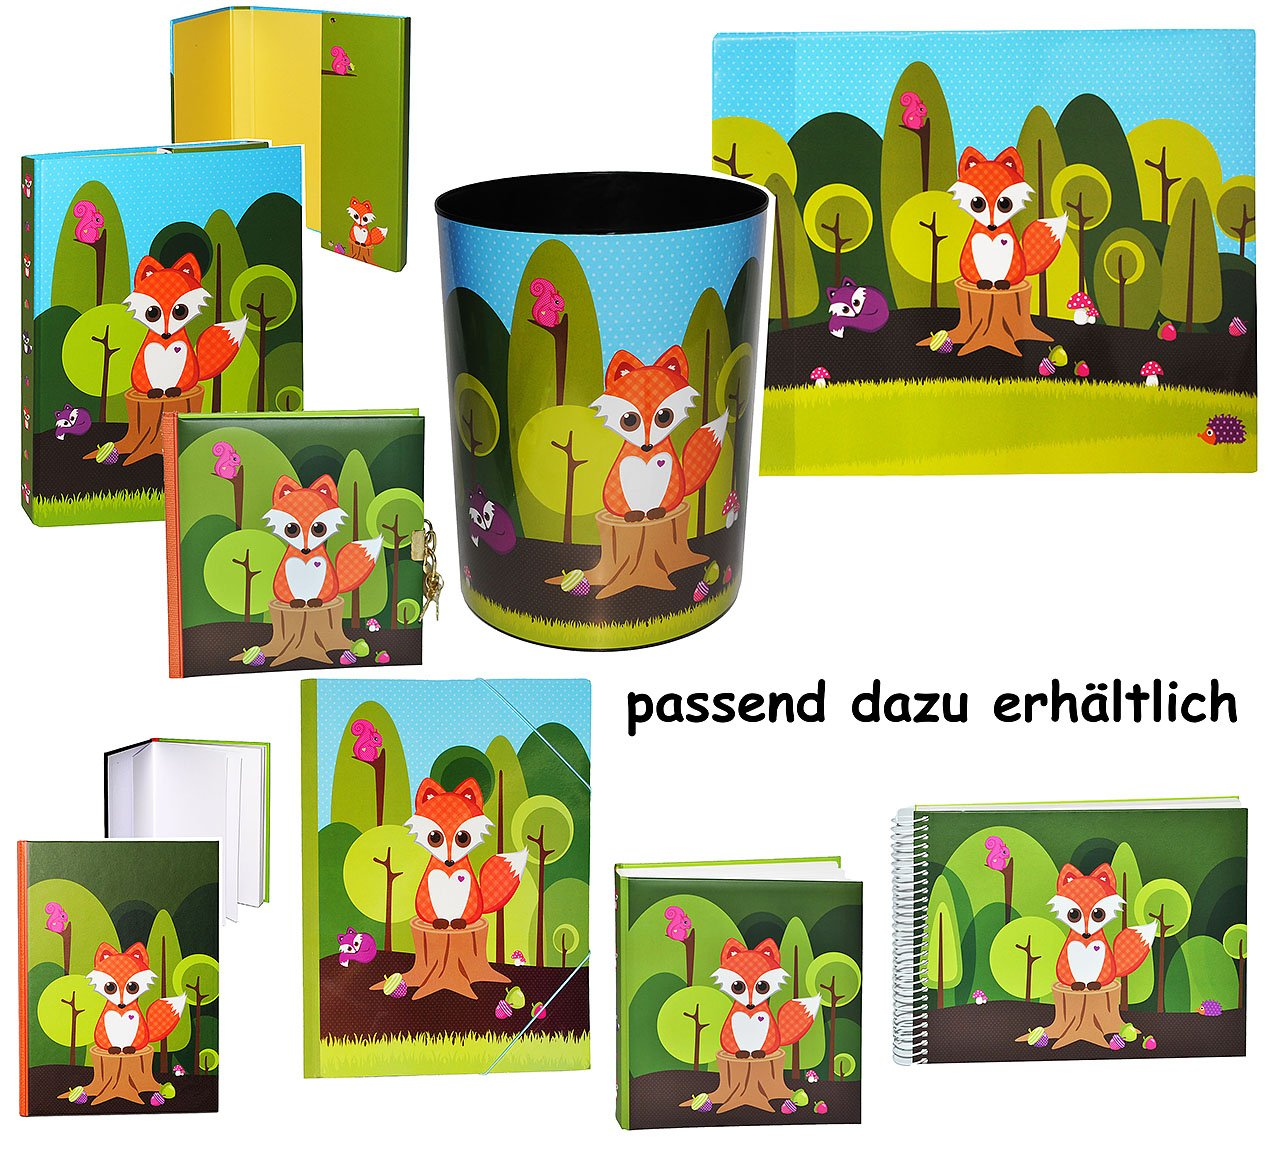 Unbekannt Ordner / Sammelmappe - für A4 - Fuchs - mit Namen - für Hefte, Zeitschriften, Zeichnungen ... / Ringbuch - Kinder Jungen Mädchen / Tiere - Mappe Ordnungsmappe Hefter Heftbox A 4 Kinderland